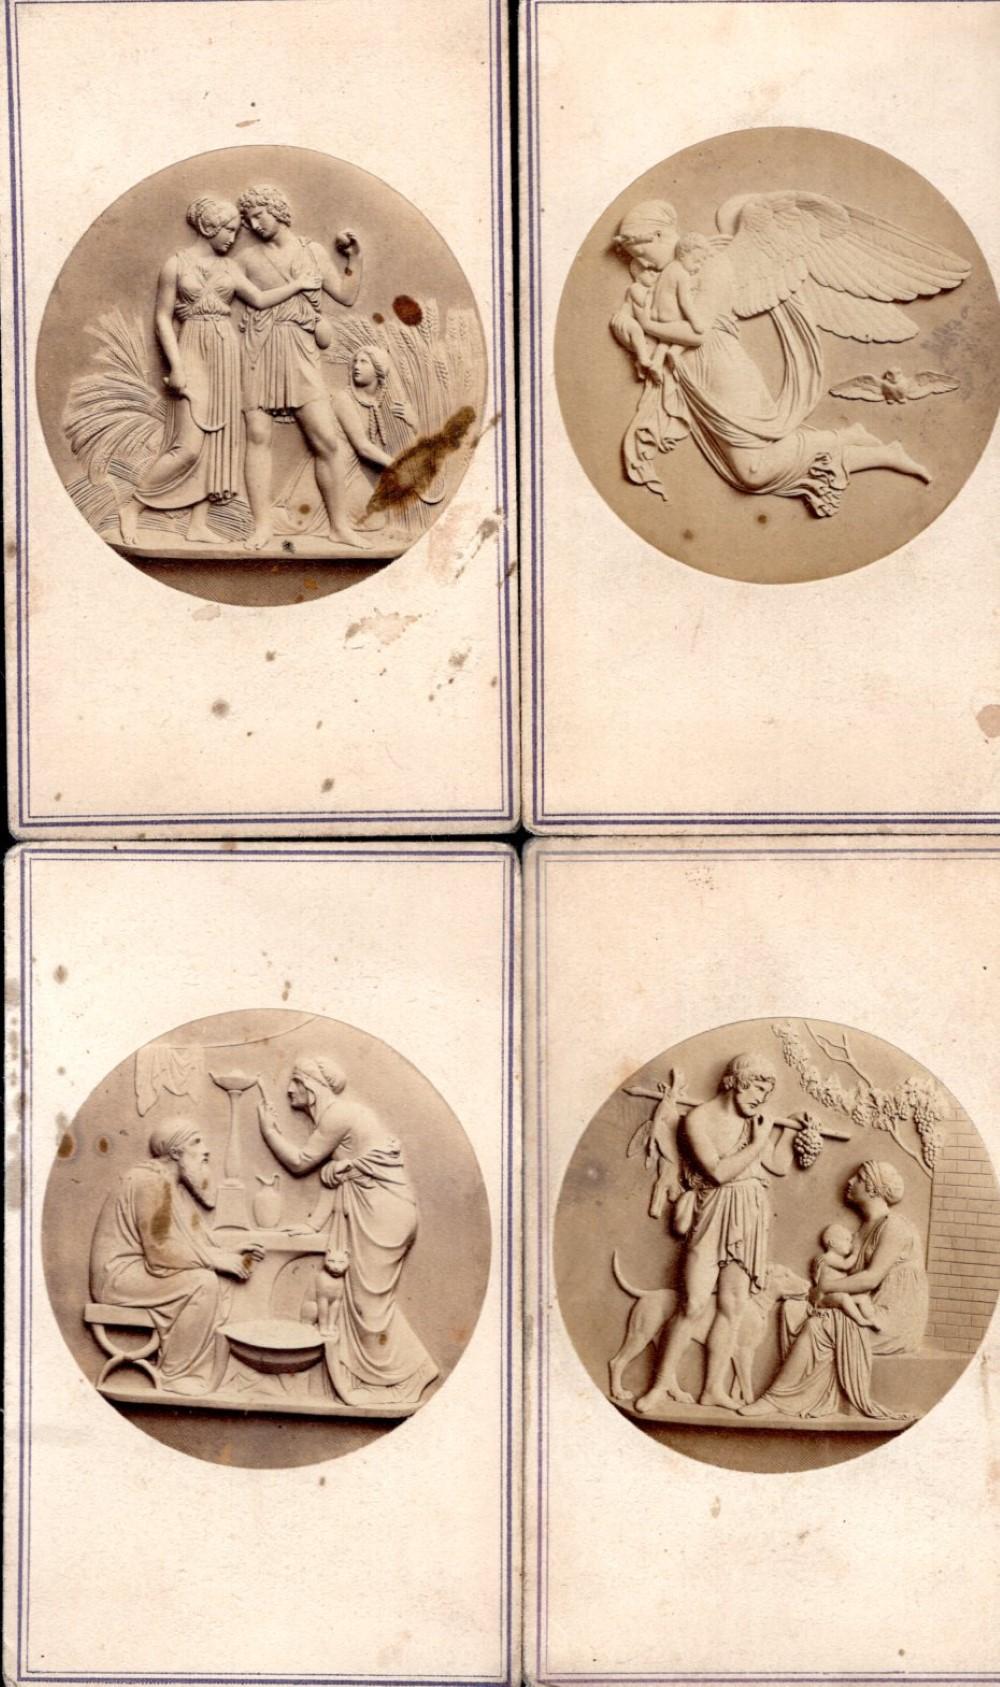 Four bas relief artwork CDVs